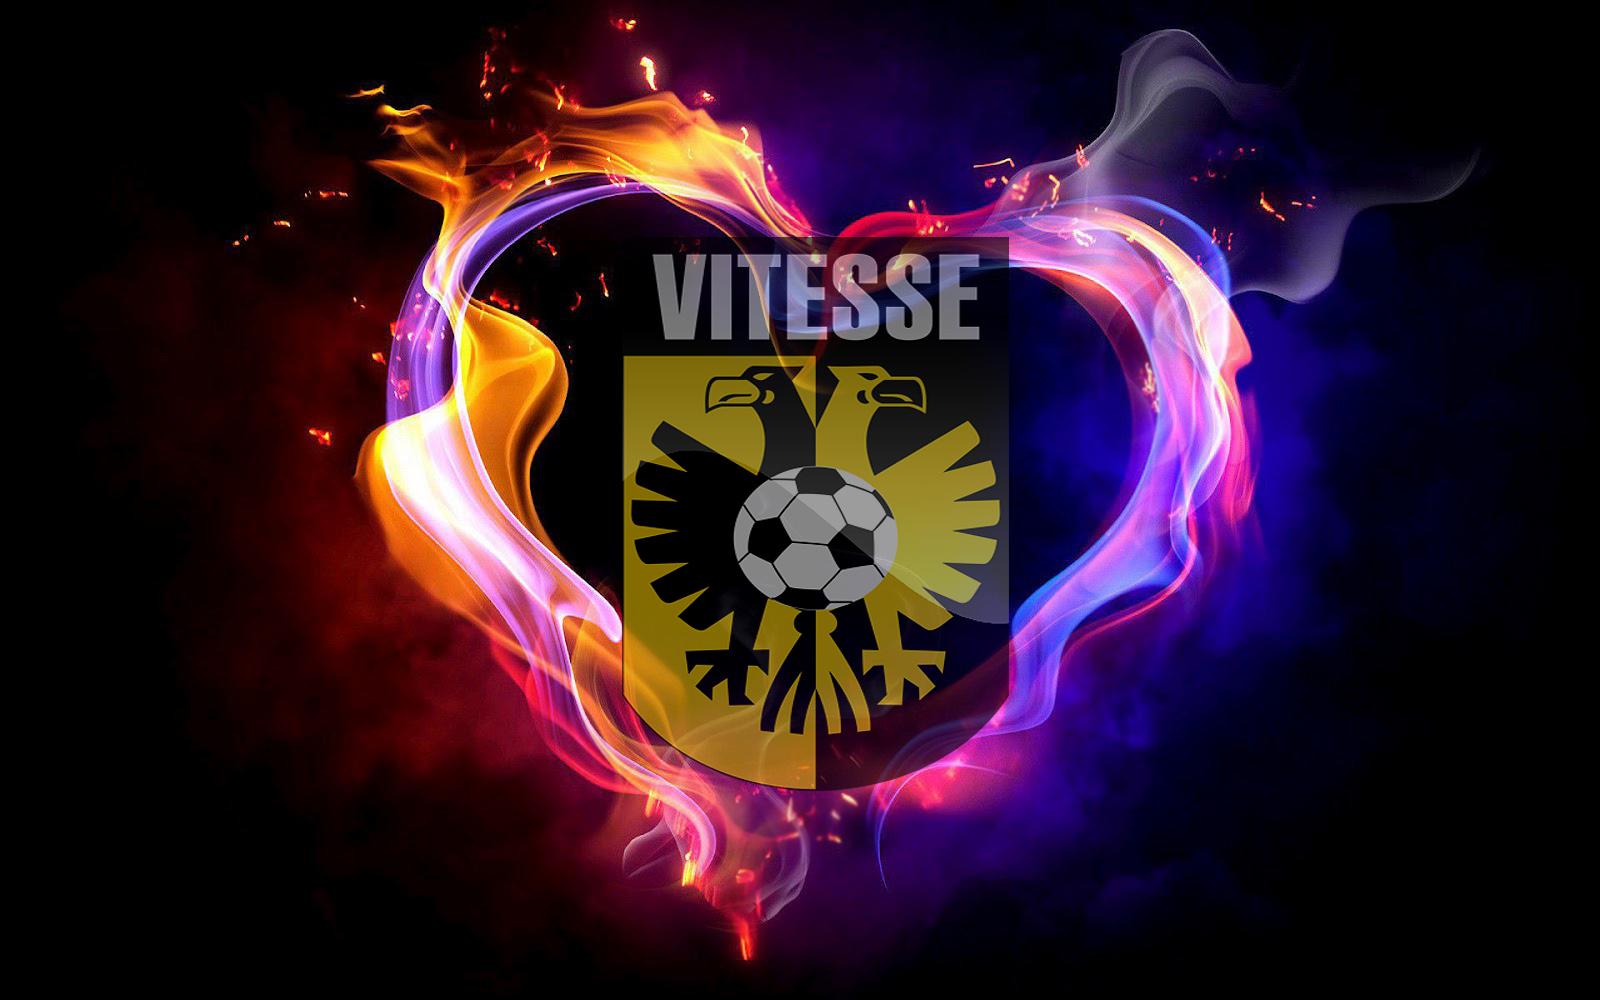 Vitesse Wallpaper Met Vuur Mooie Leuke Achtergronden